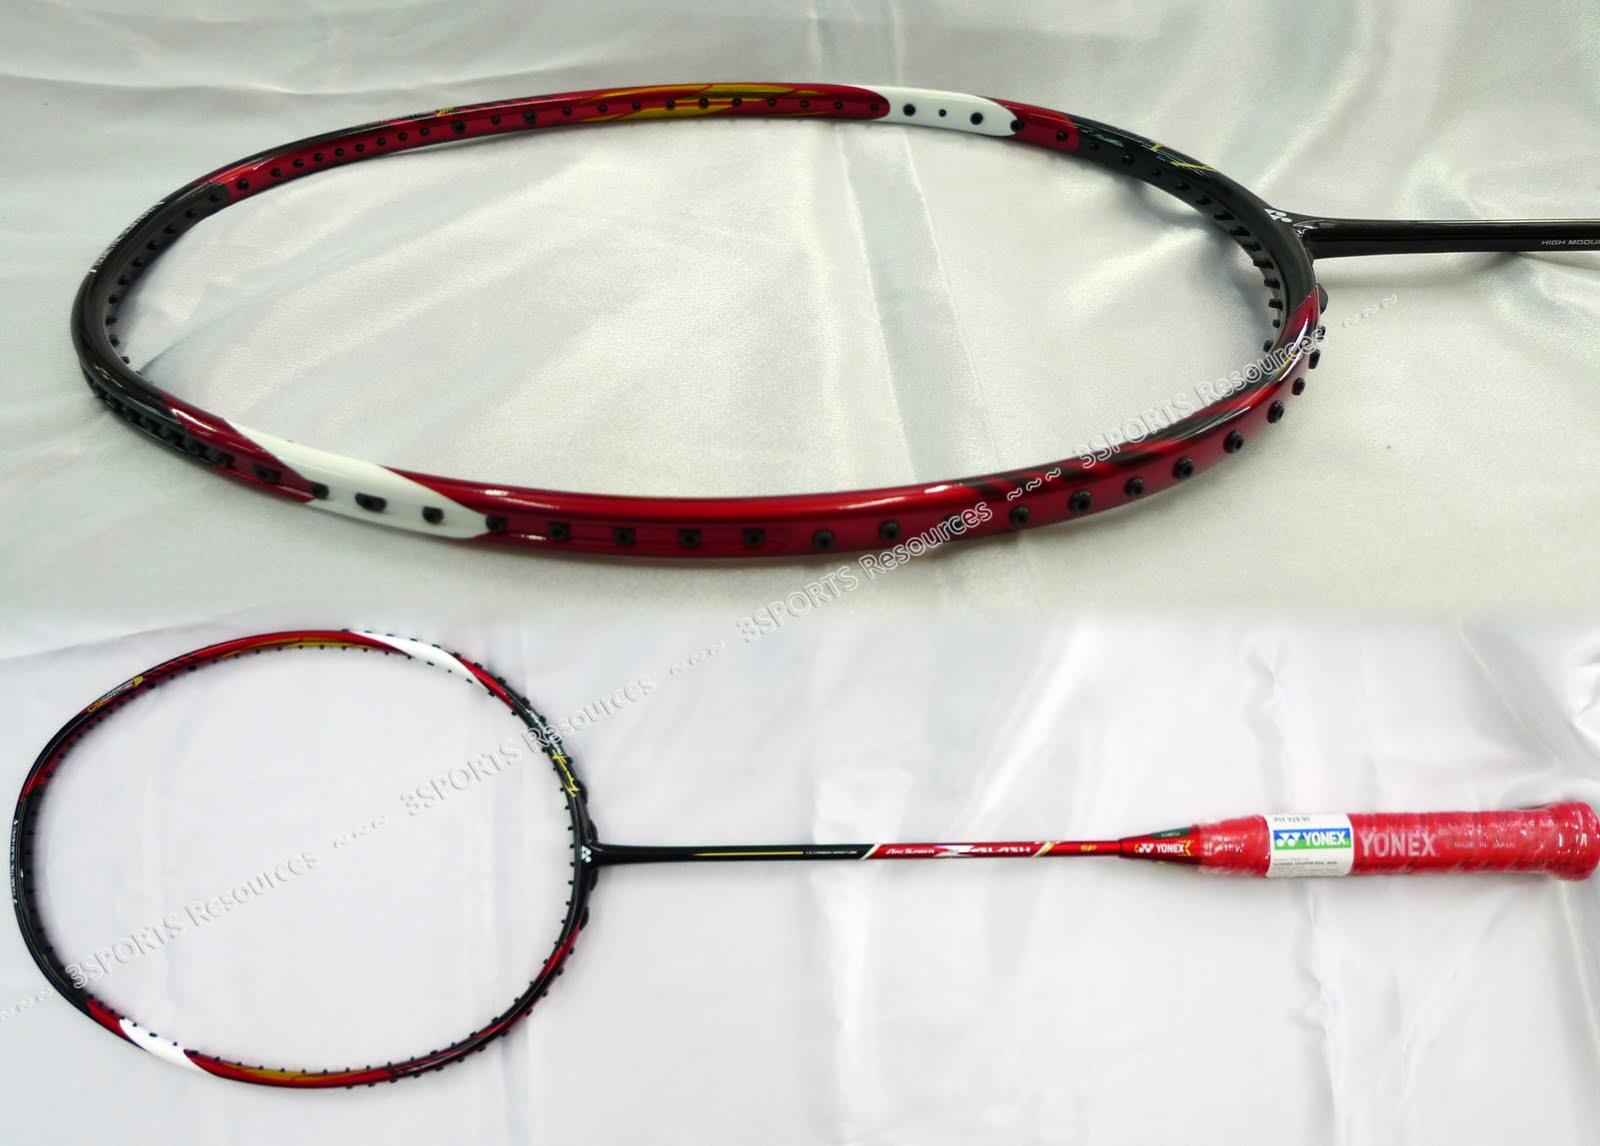 Yonex Duora Z Strike Badminton Racket Review - YouTube